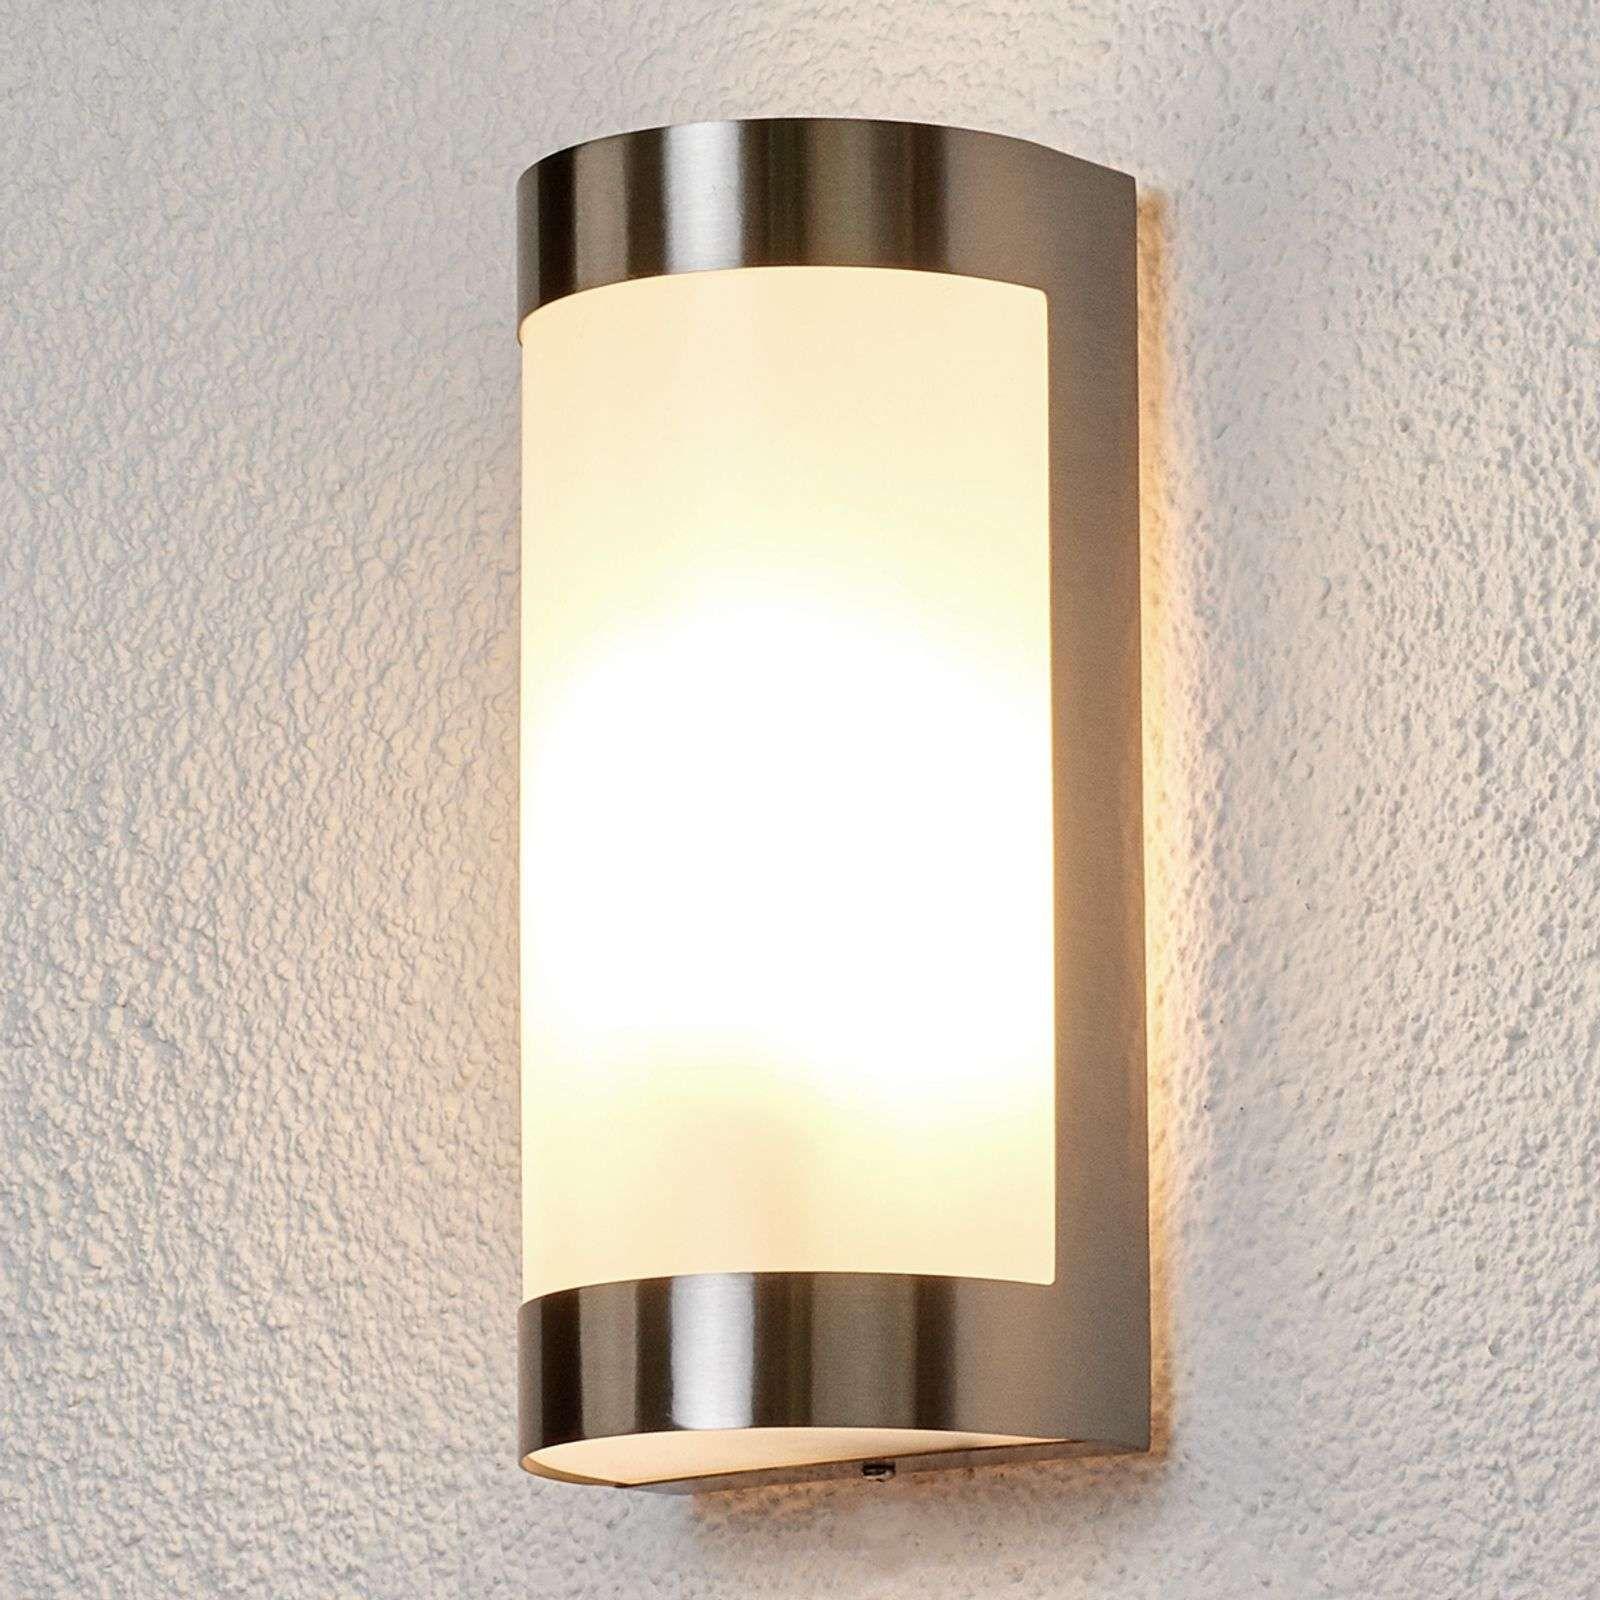 30 lm acier inoxydable extérieur Solaire Lampe Murale Extérieure Lampe Murale Wandstrahler